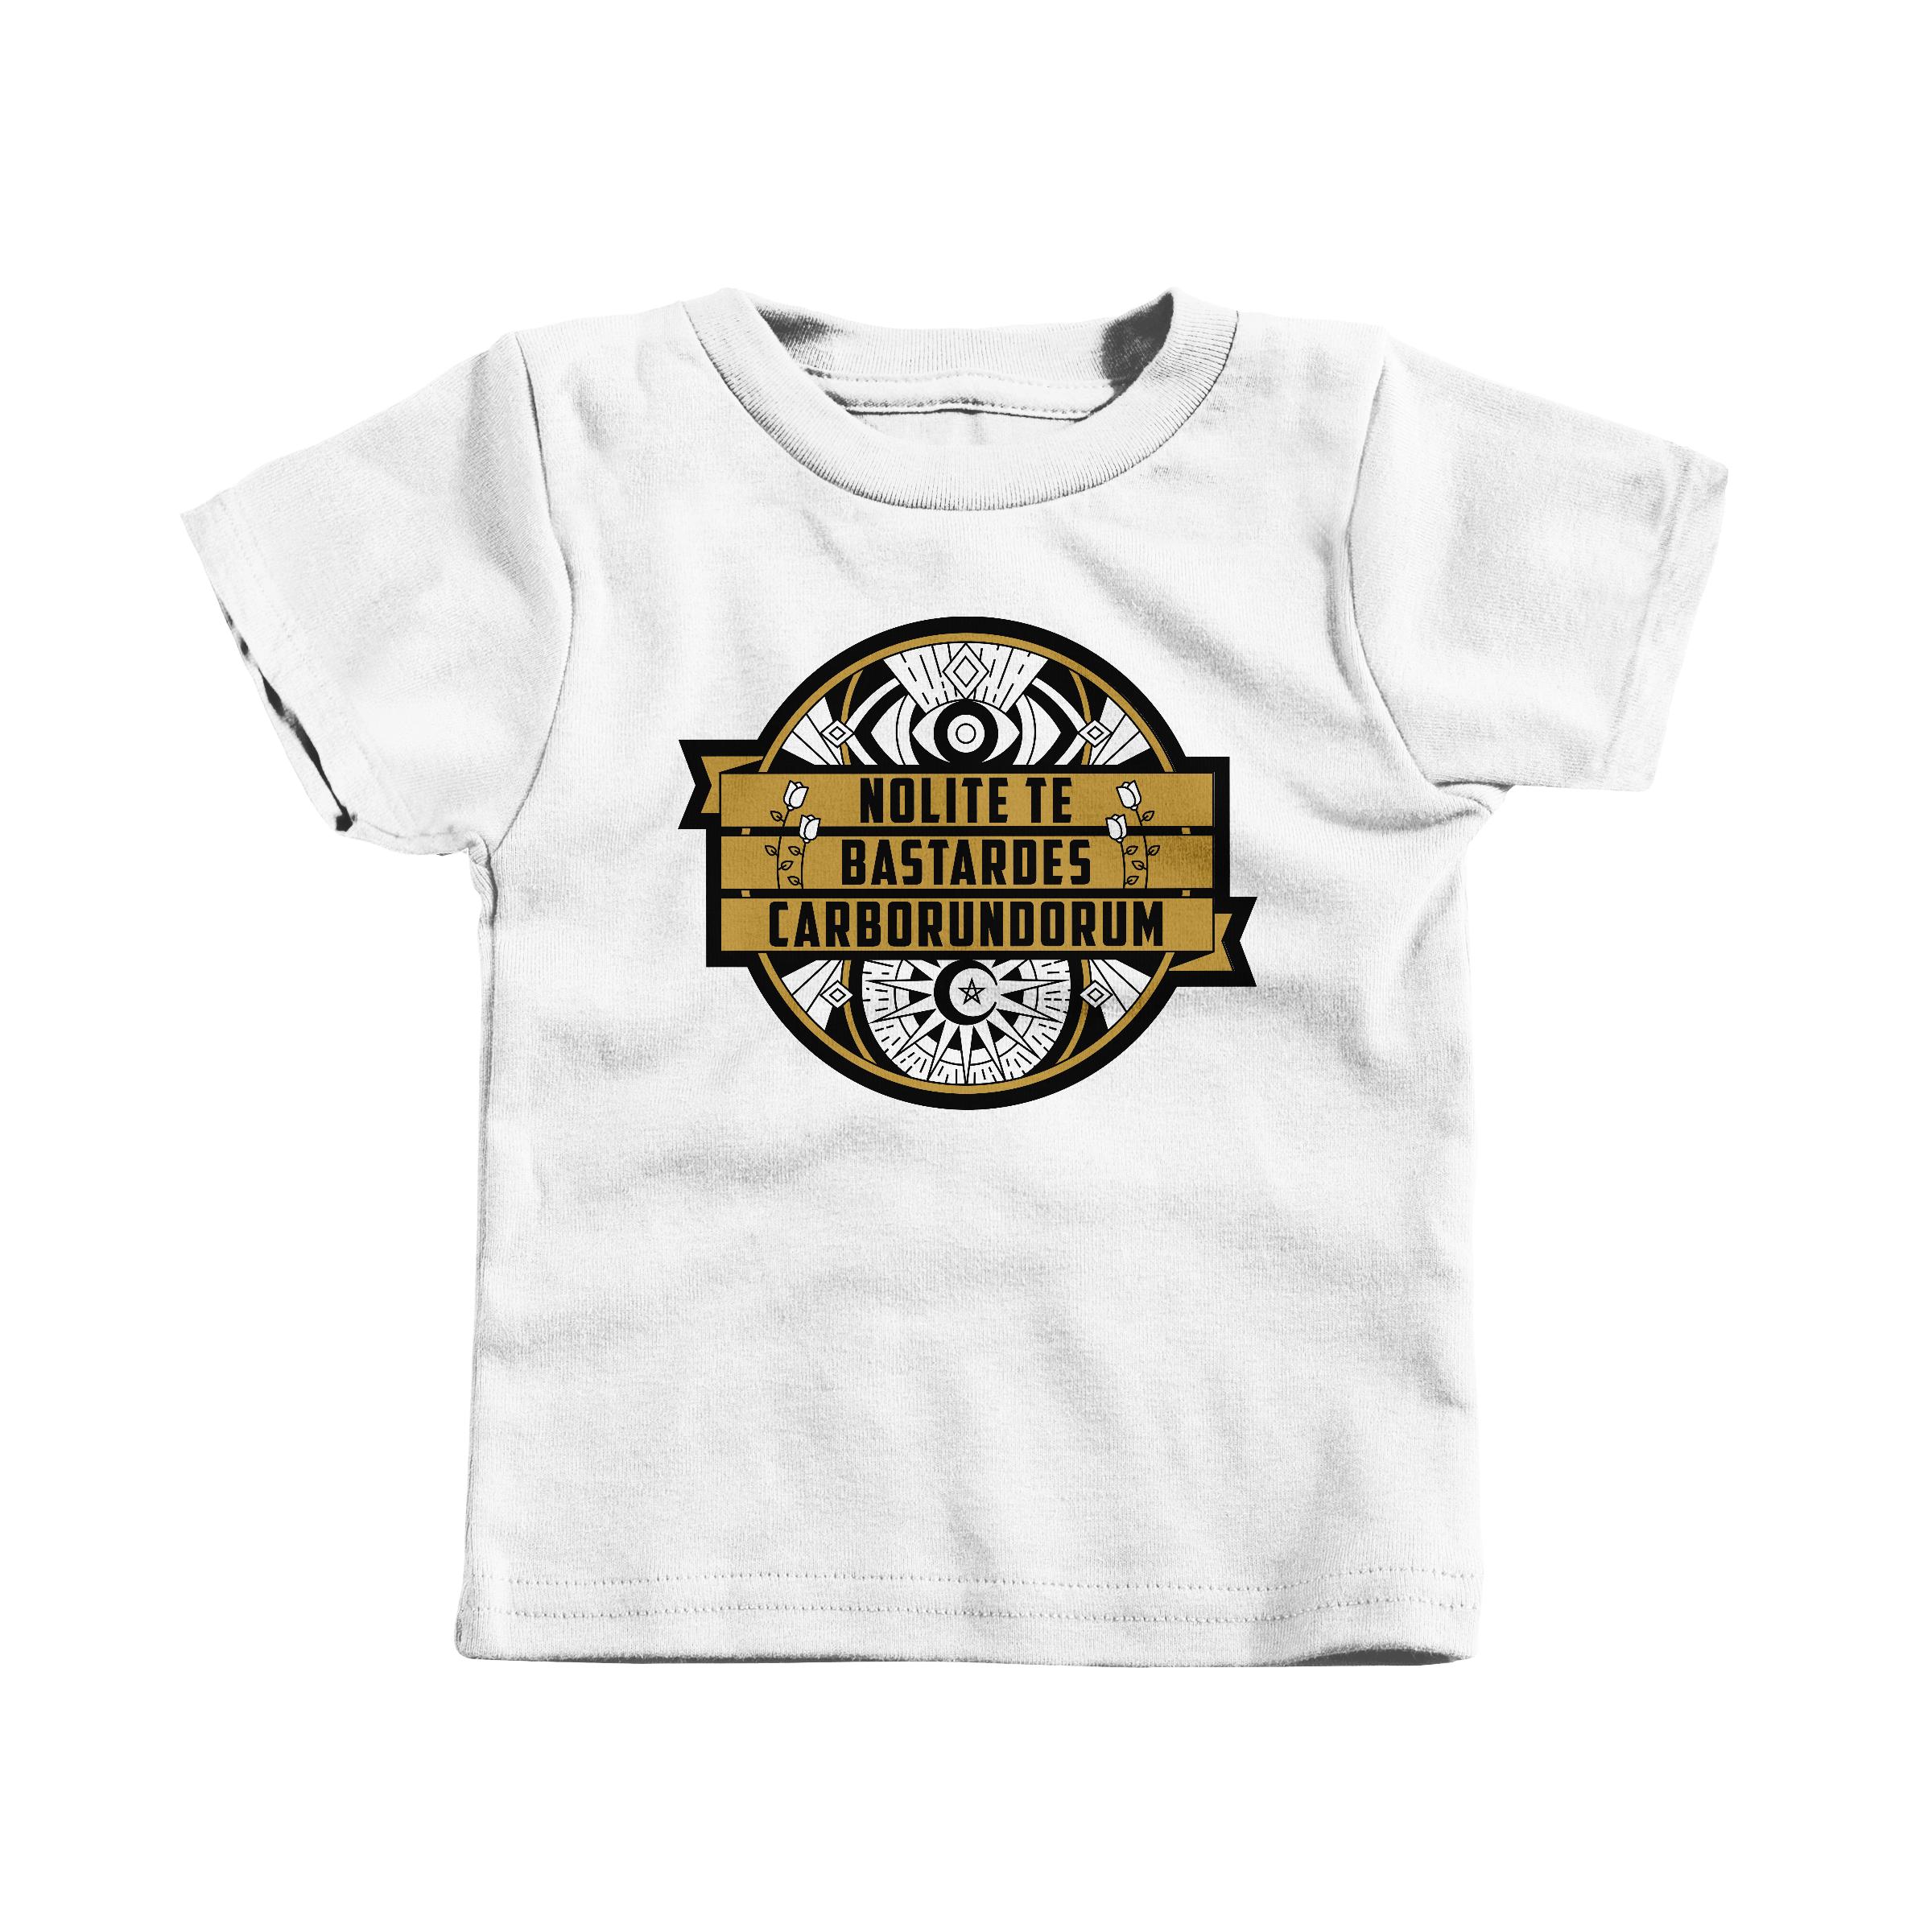 Te Bastardes White (T-Shirt)